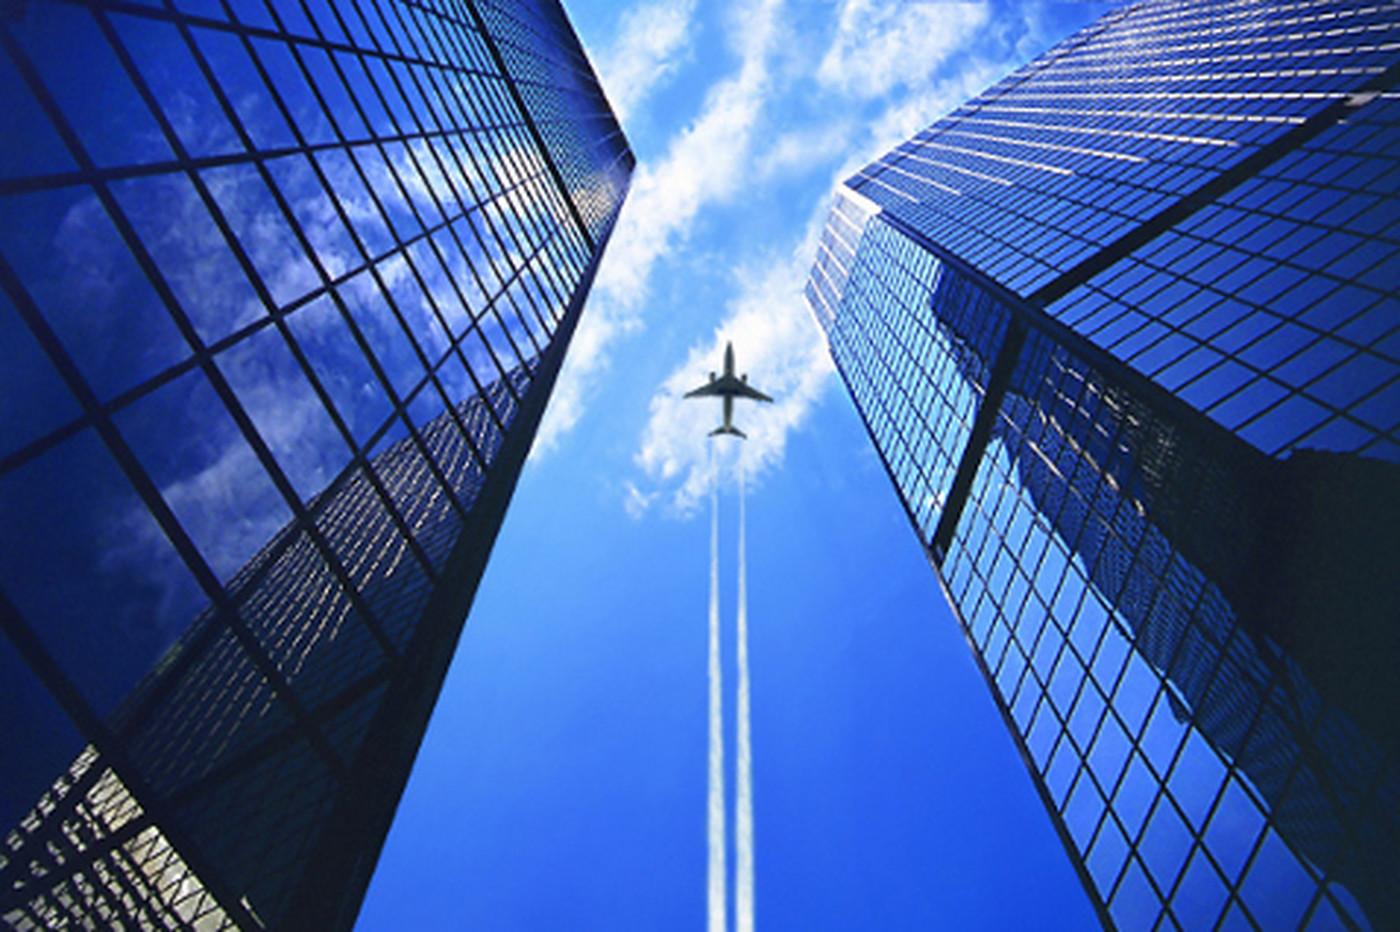 Авиаперелеты неизбежно ведут к выборам в атмосферу. Источник http://i43-cdn.woman.ru/